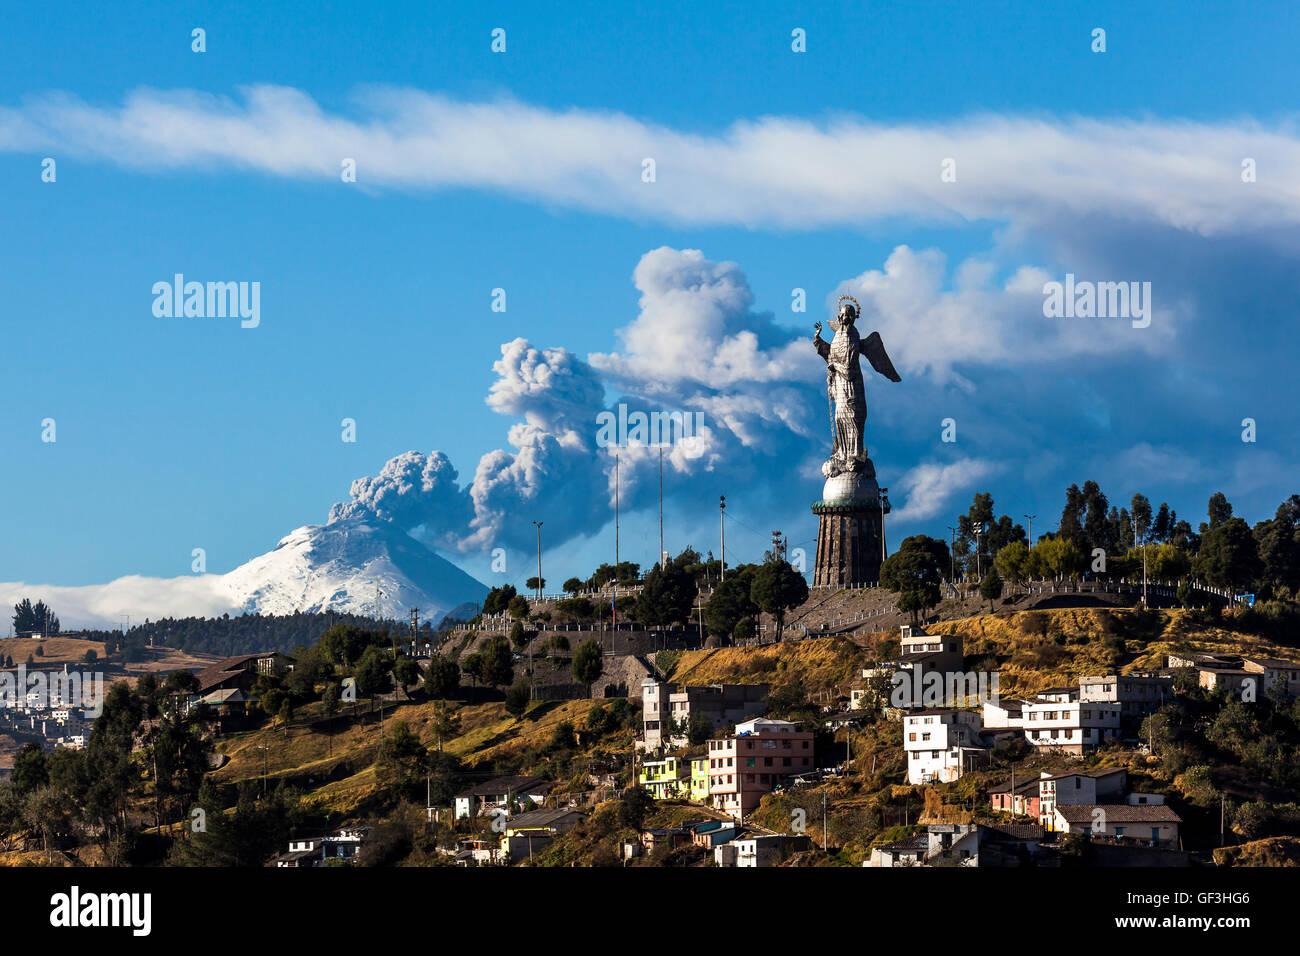 L'éruption du volcan Cotopaxi et Panecillo's Madona vu de Quito, Équateur Photo Stock